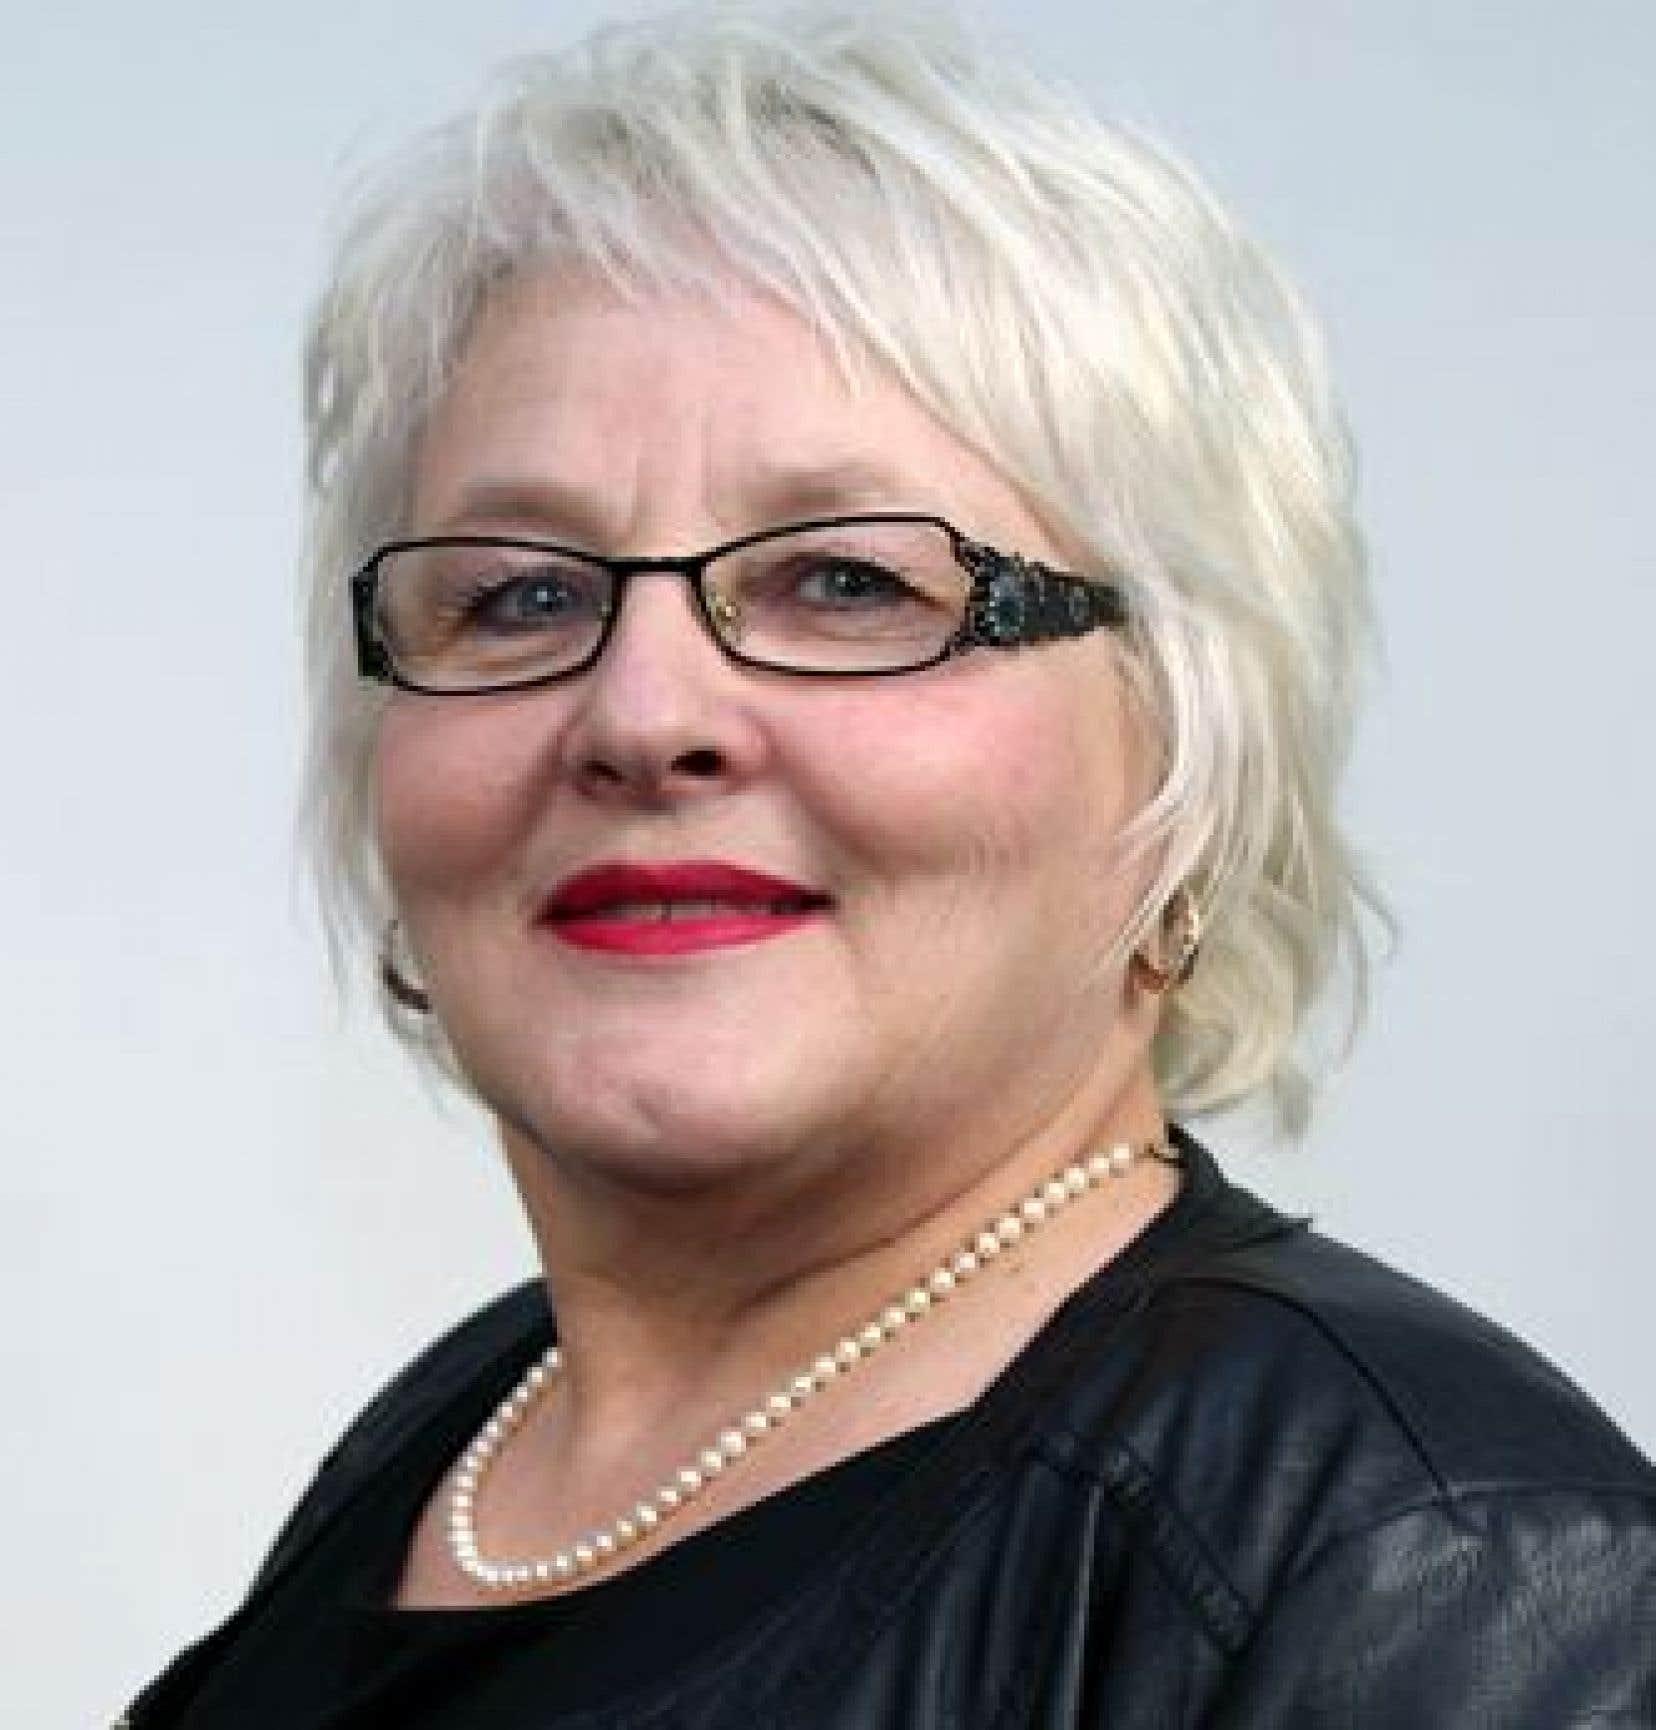 Francyne T. Gobeil a dit souhaiter devenir députée et être le lien entre les citoyens de la région et le gouvernement du Québec.